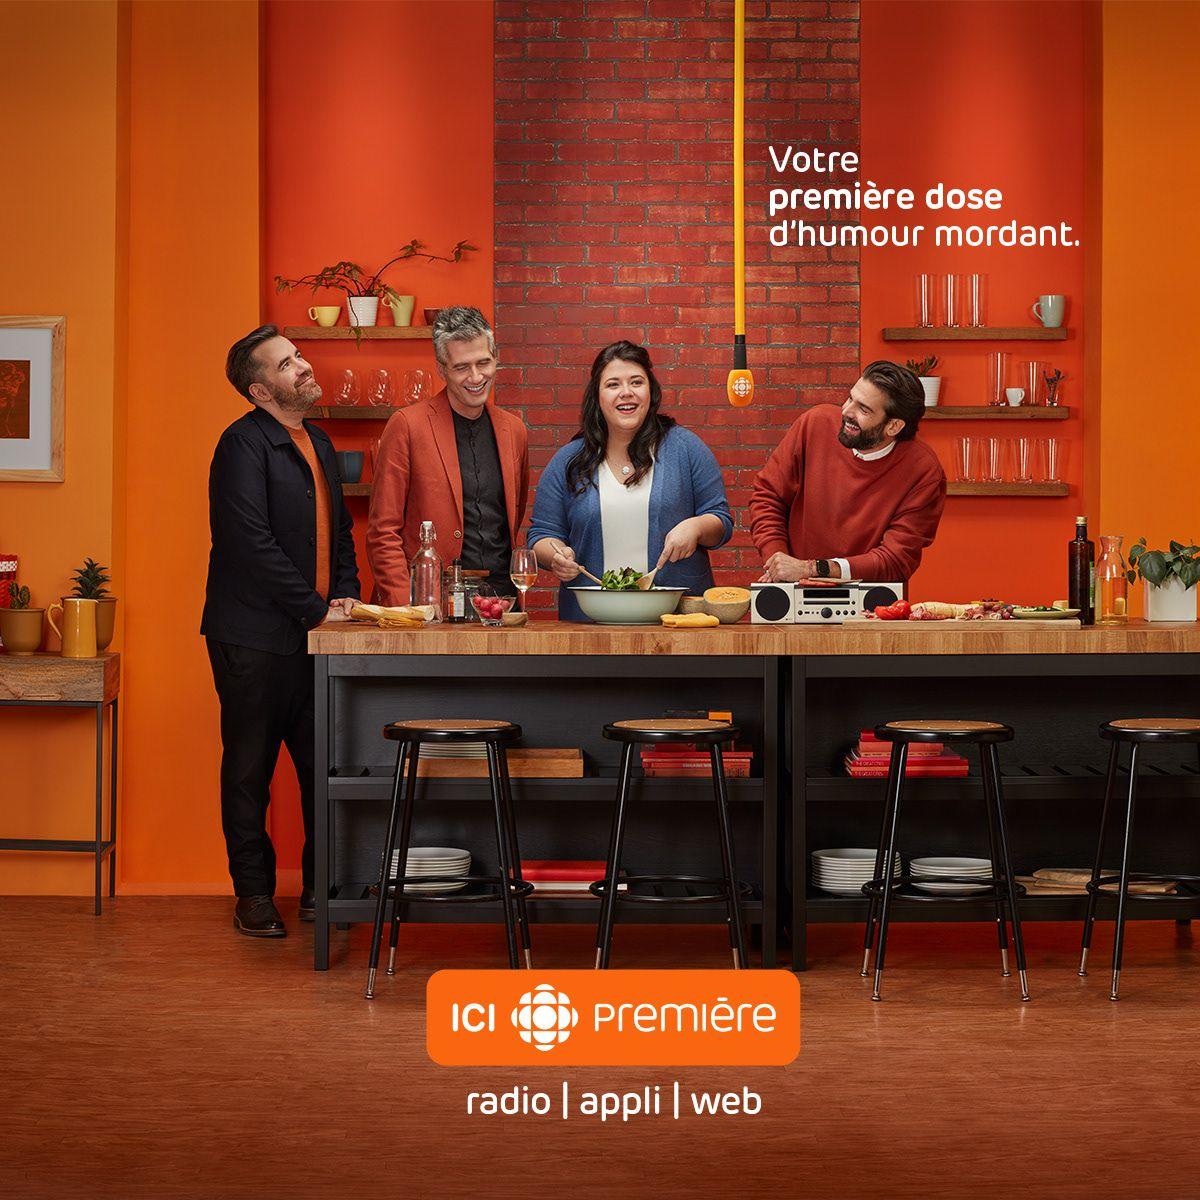 Campaign ad using Simon Duhamel's shot of the hosts of La soirée est (encore) jeune for ICI Première